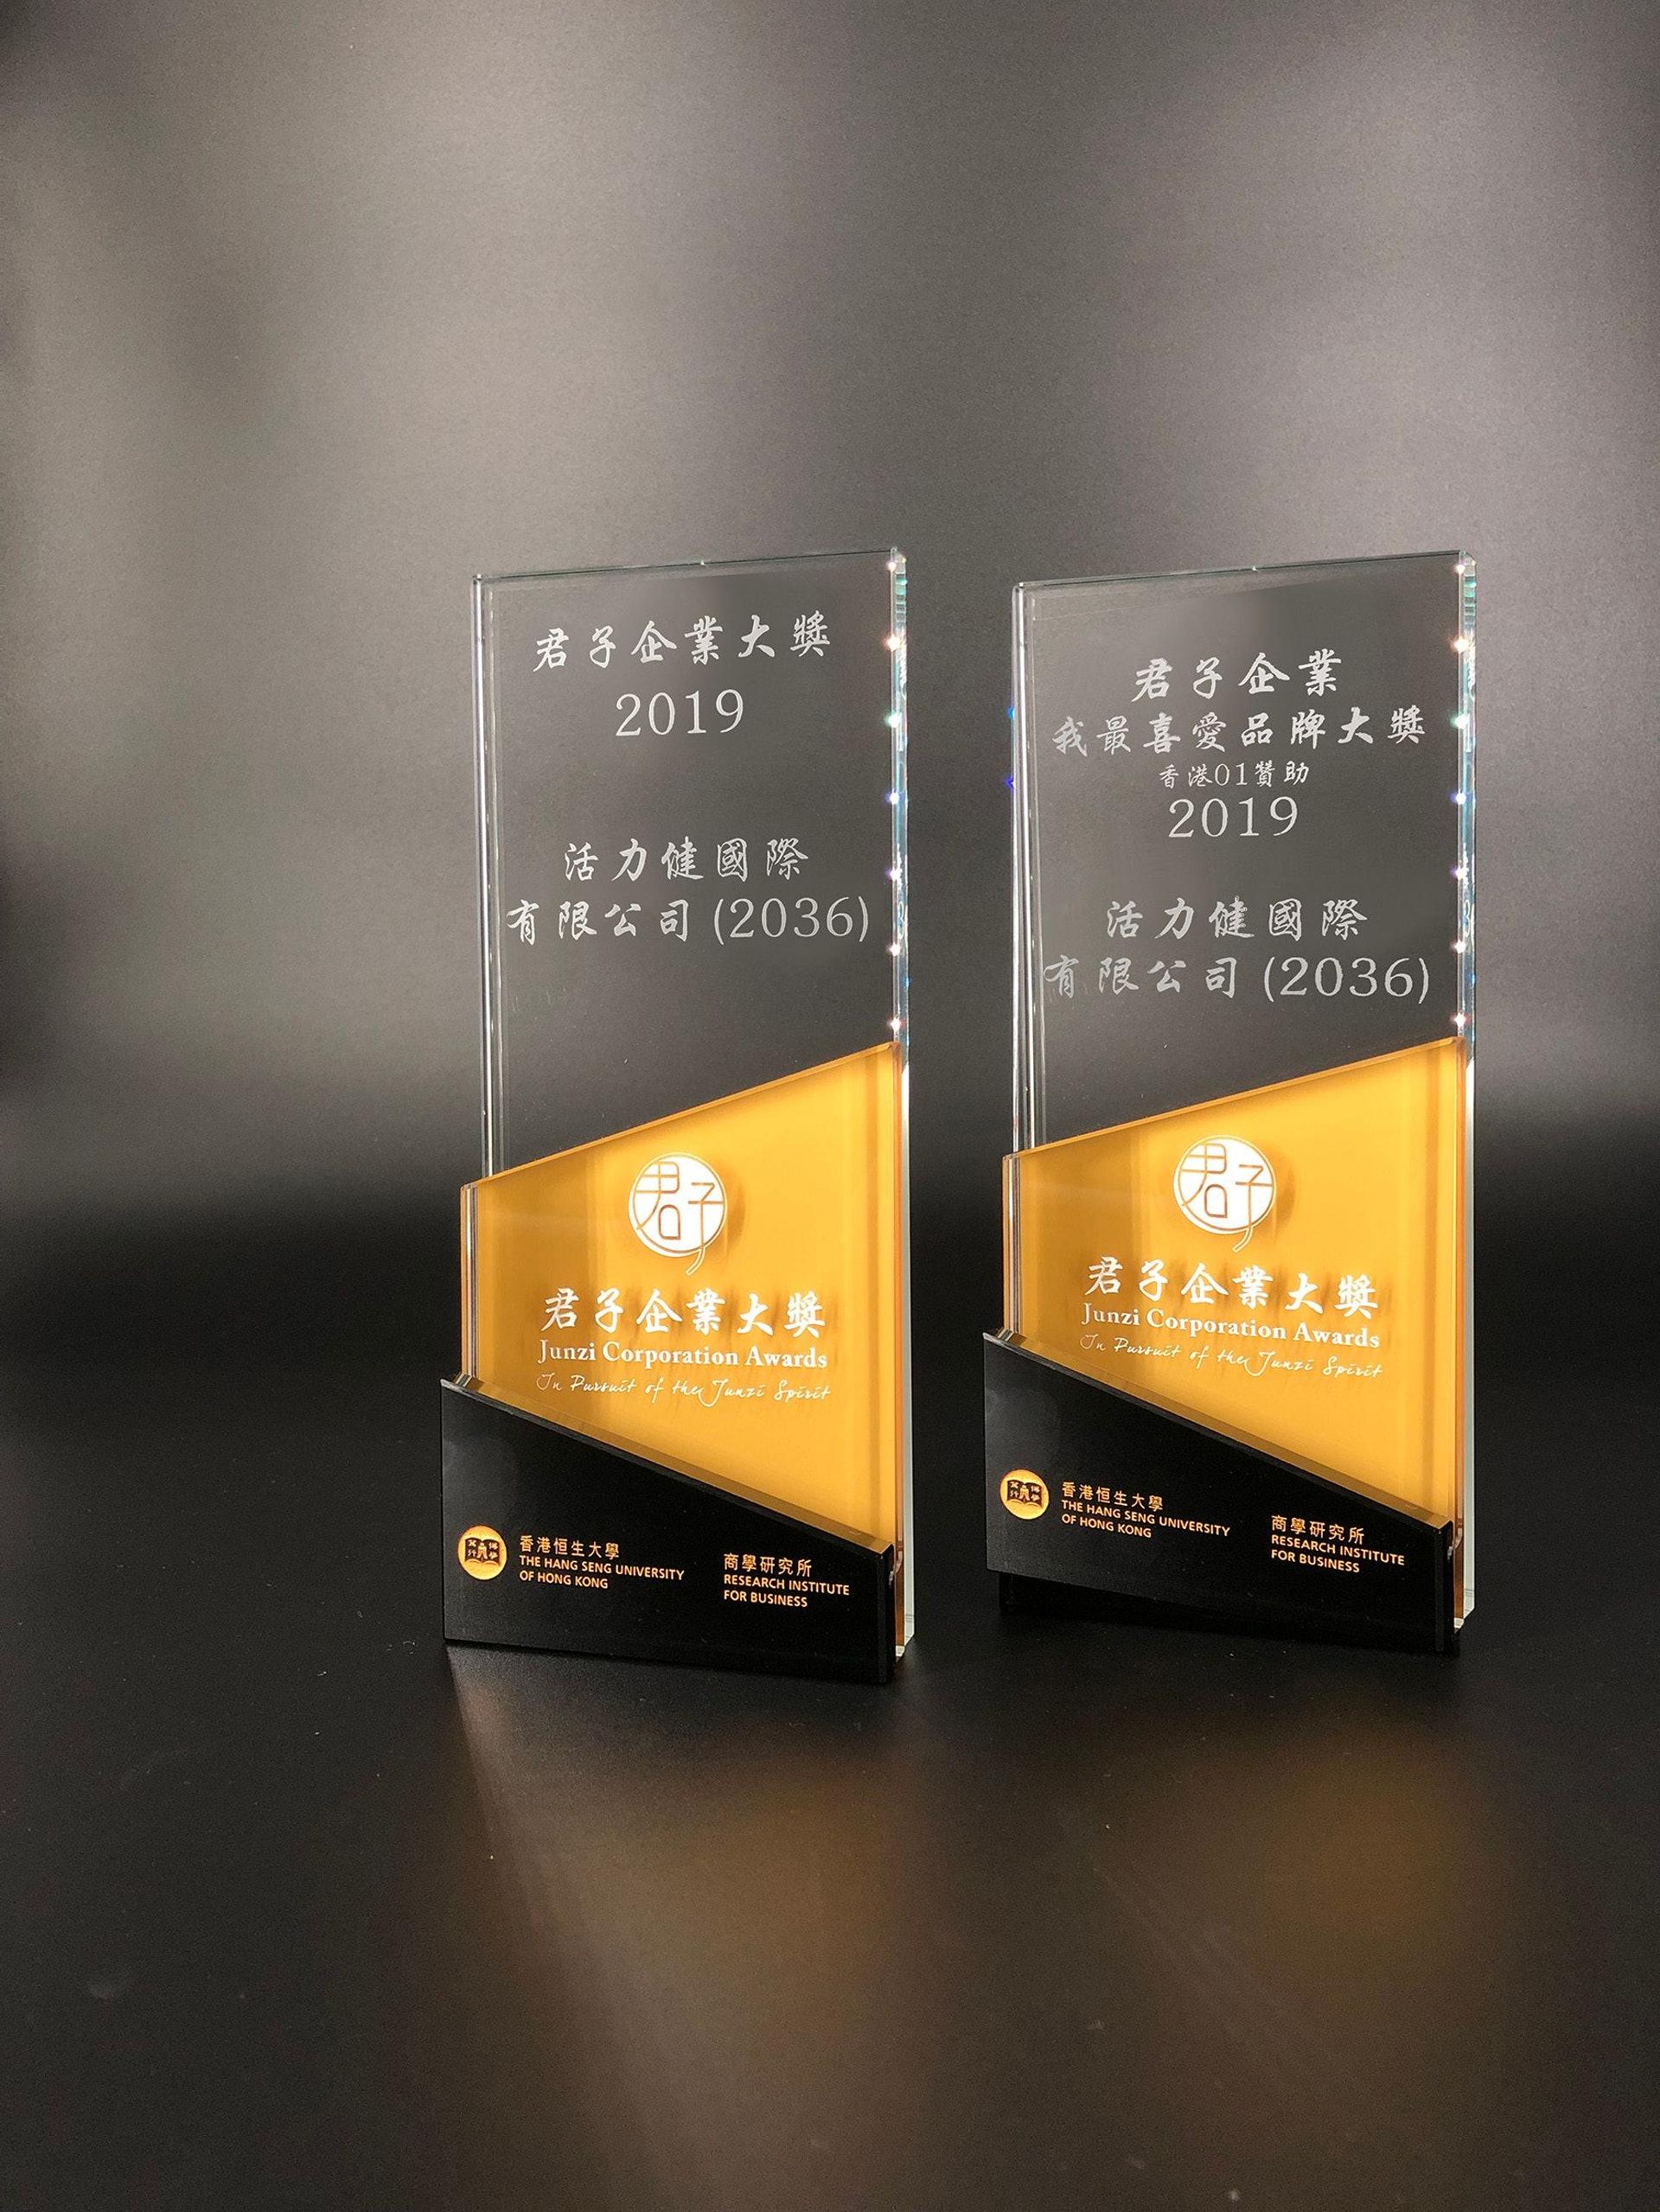 活力健國際有限公司 (2036) 榮獲『君子企業大獎』及『君子企業.我最喜愛品牌大獎』。